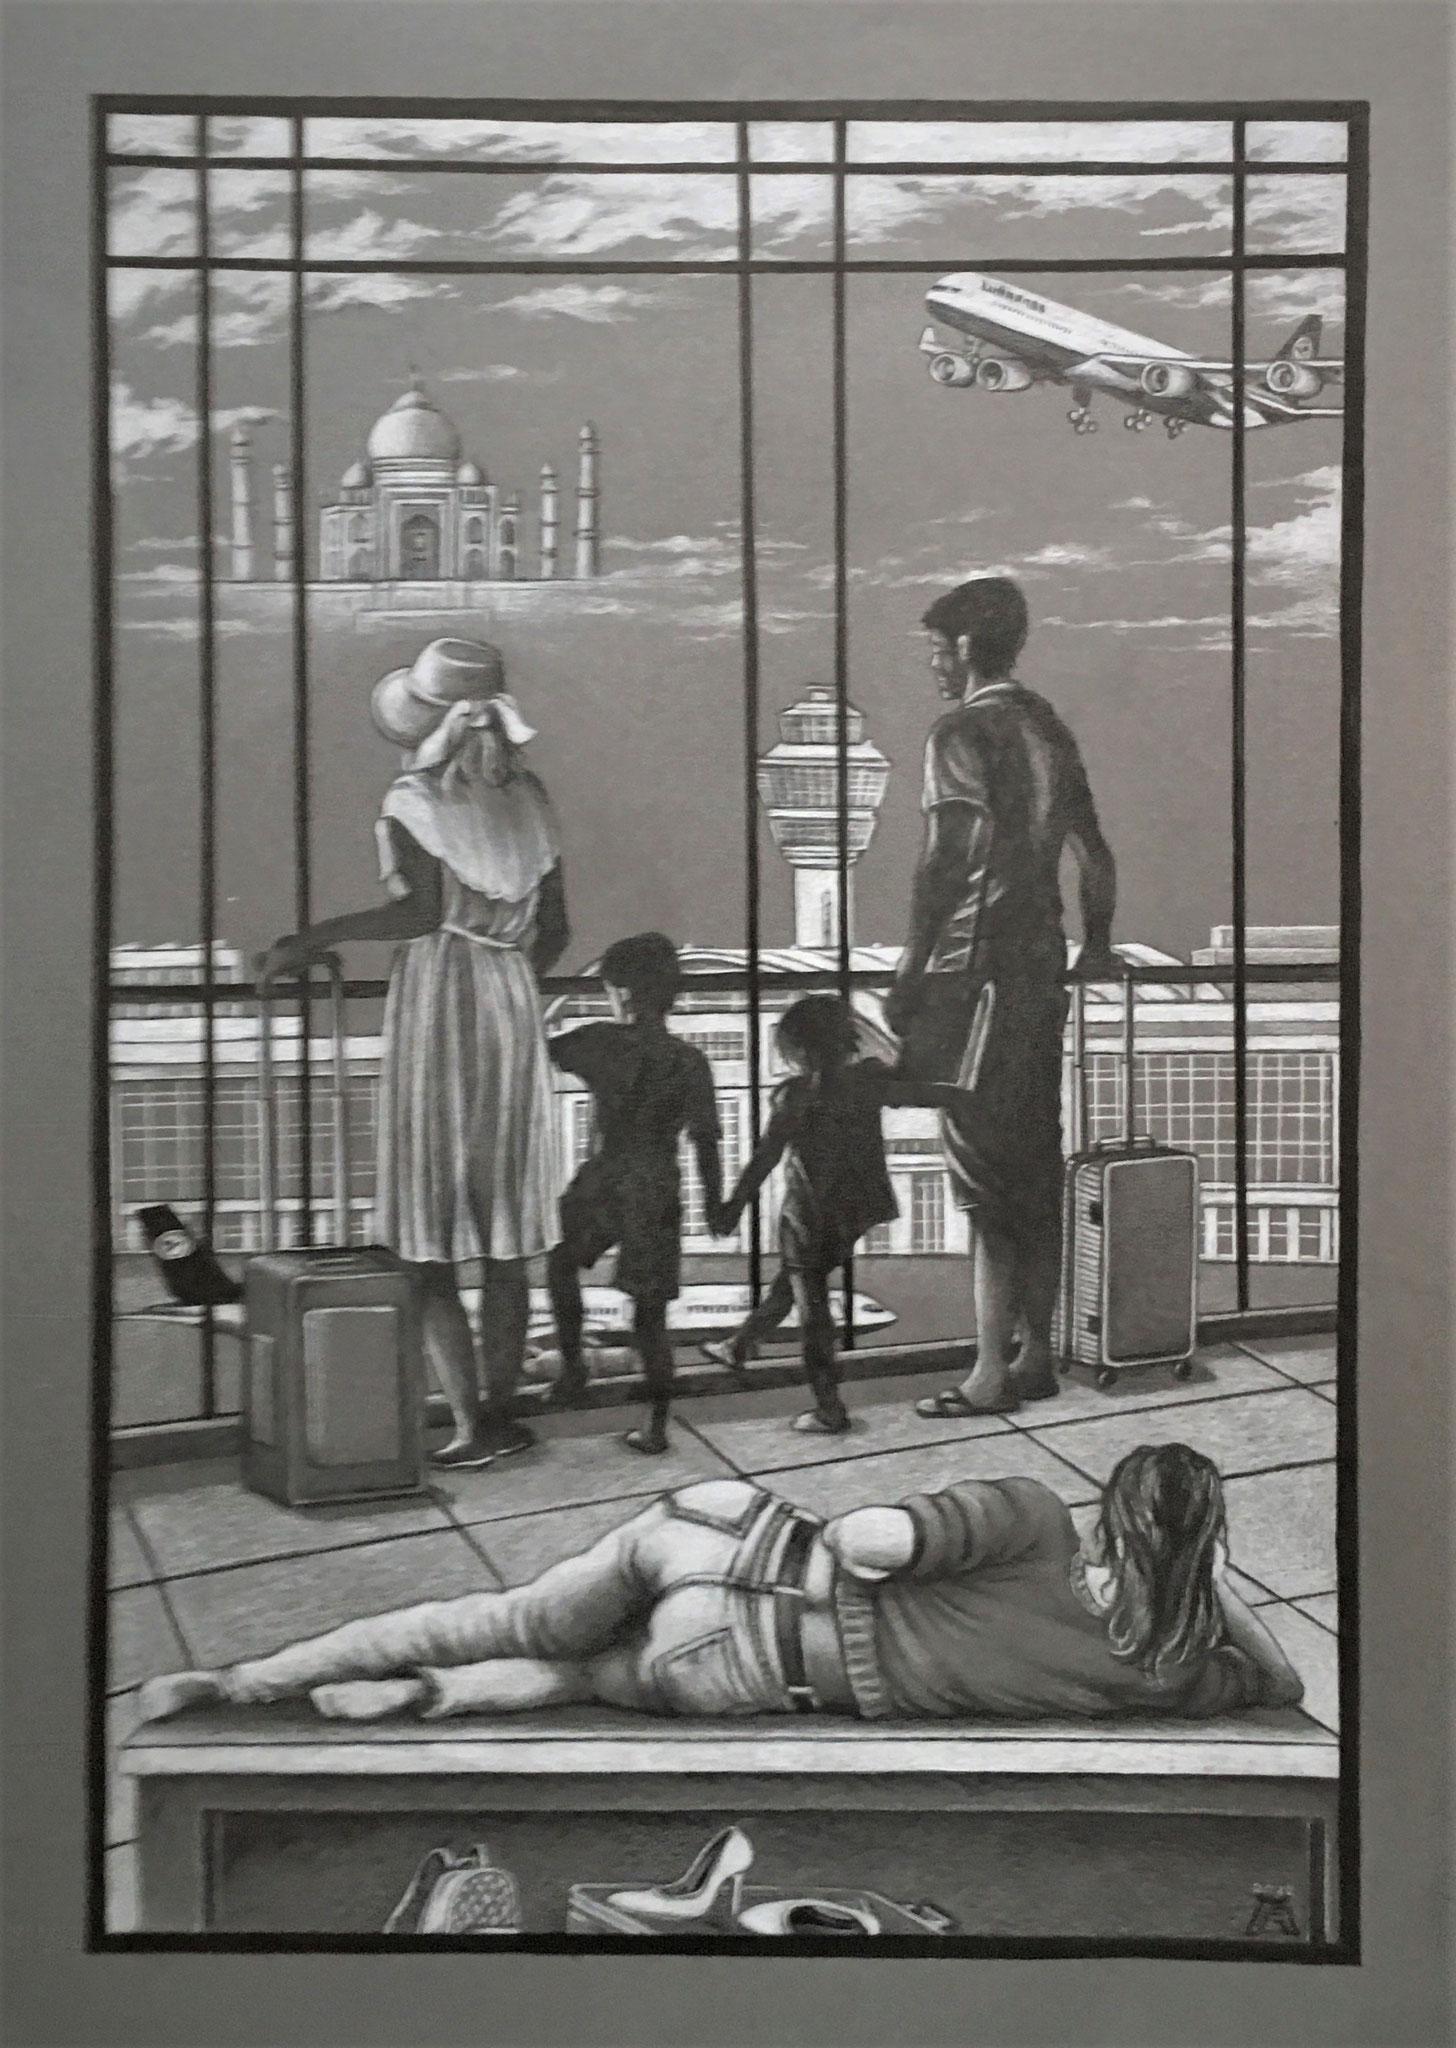 Gerard Glotz: Fata Morgana Schwarz-/Weißstift auf grauem Karton, 2020 50 x 70 cm